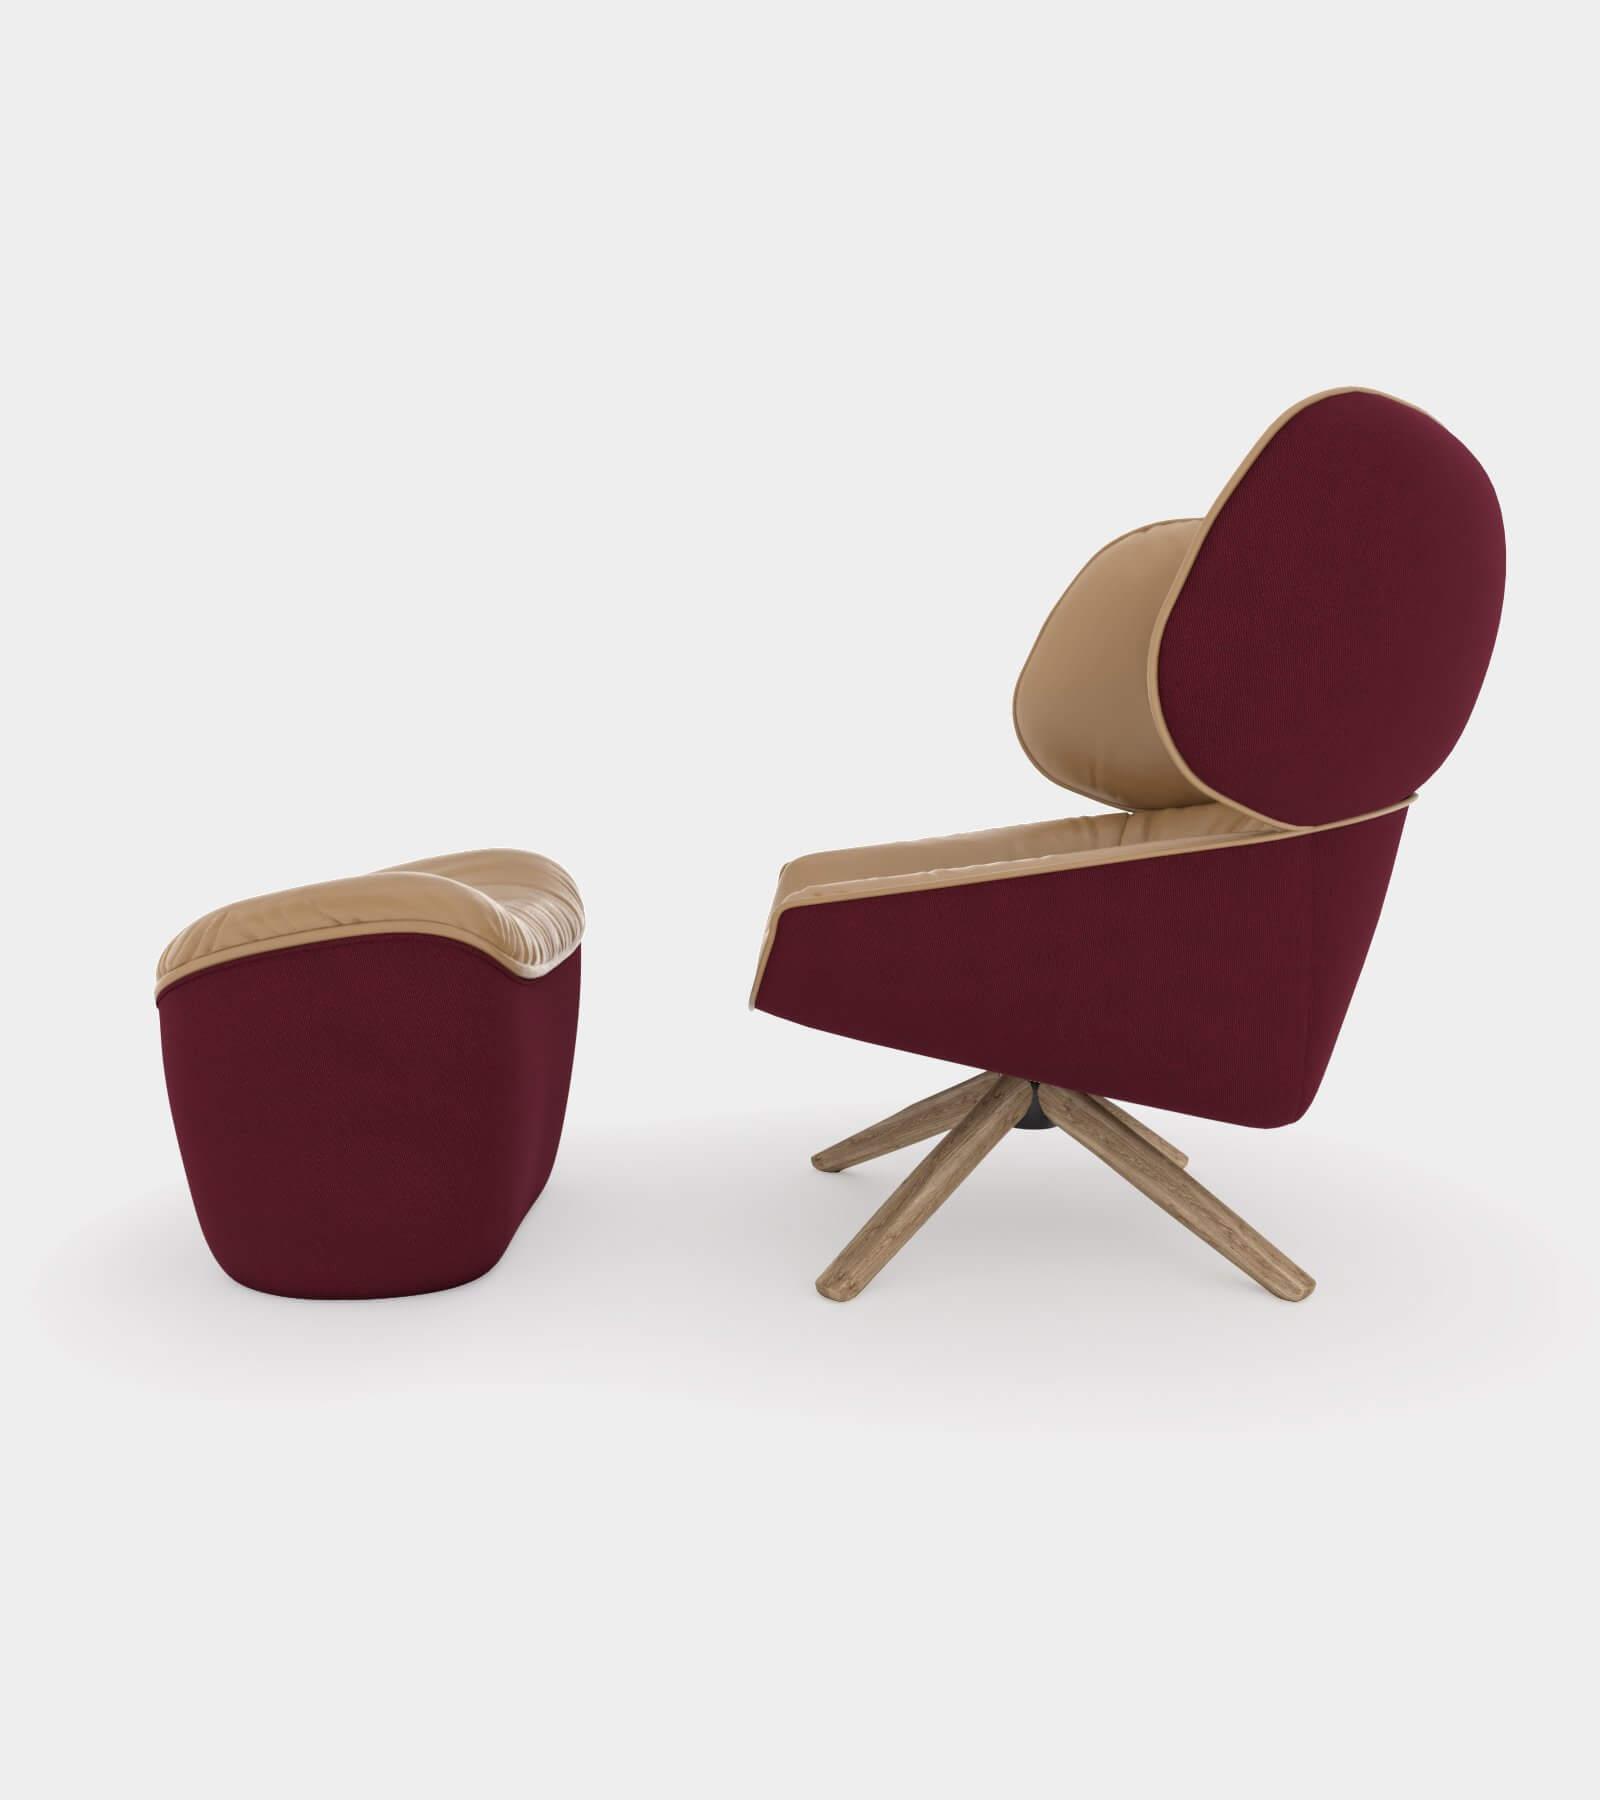 Armchair with headrest ears2 - 3D Model